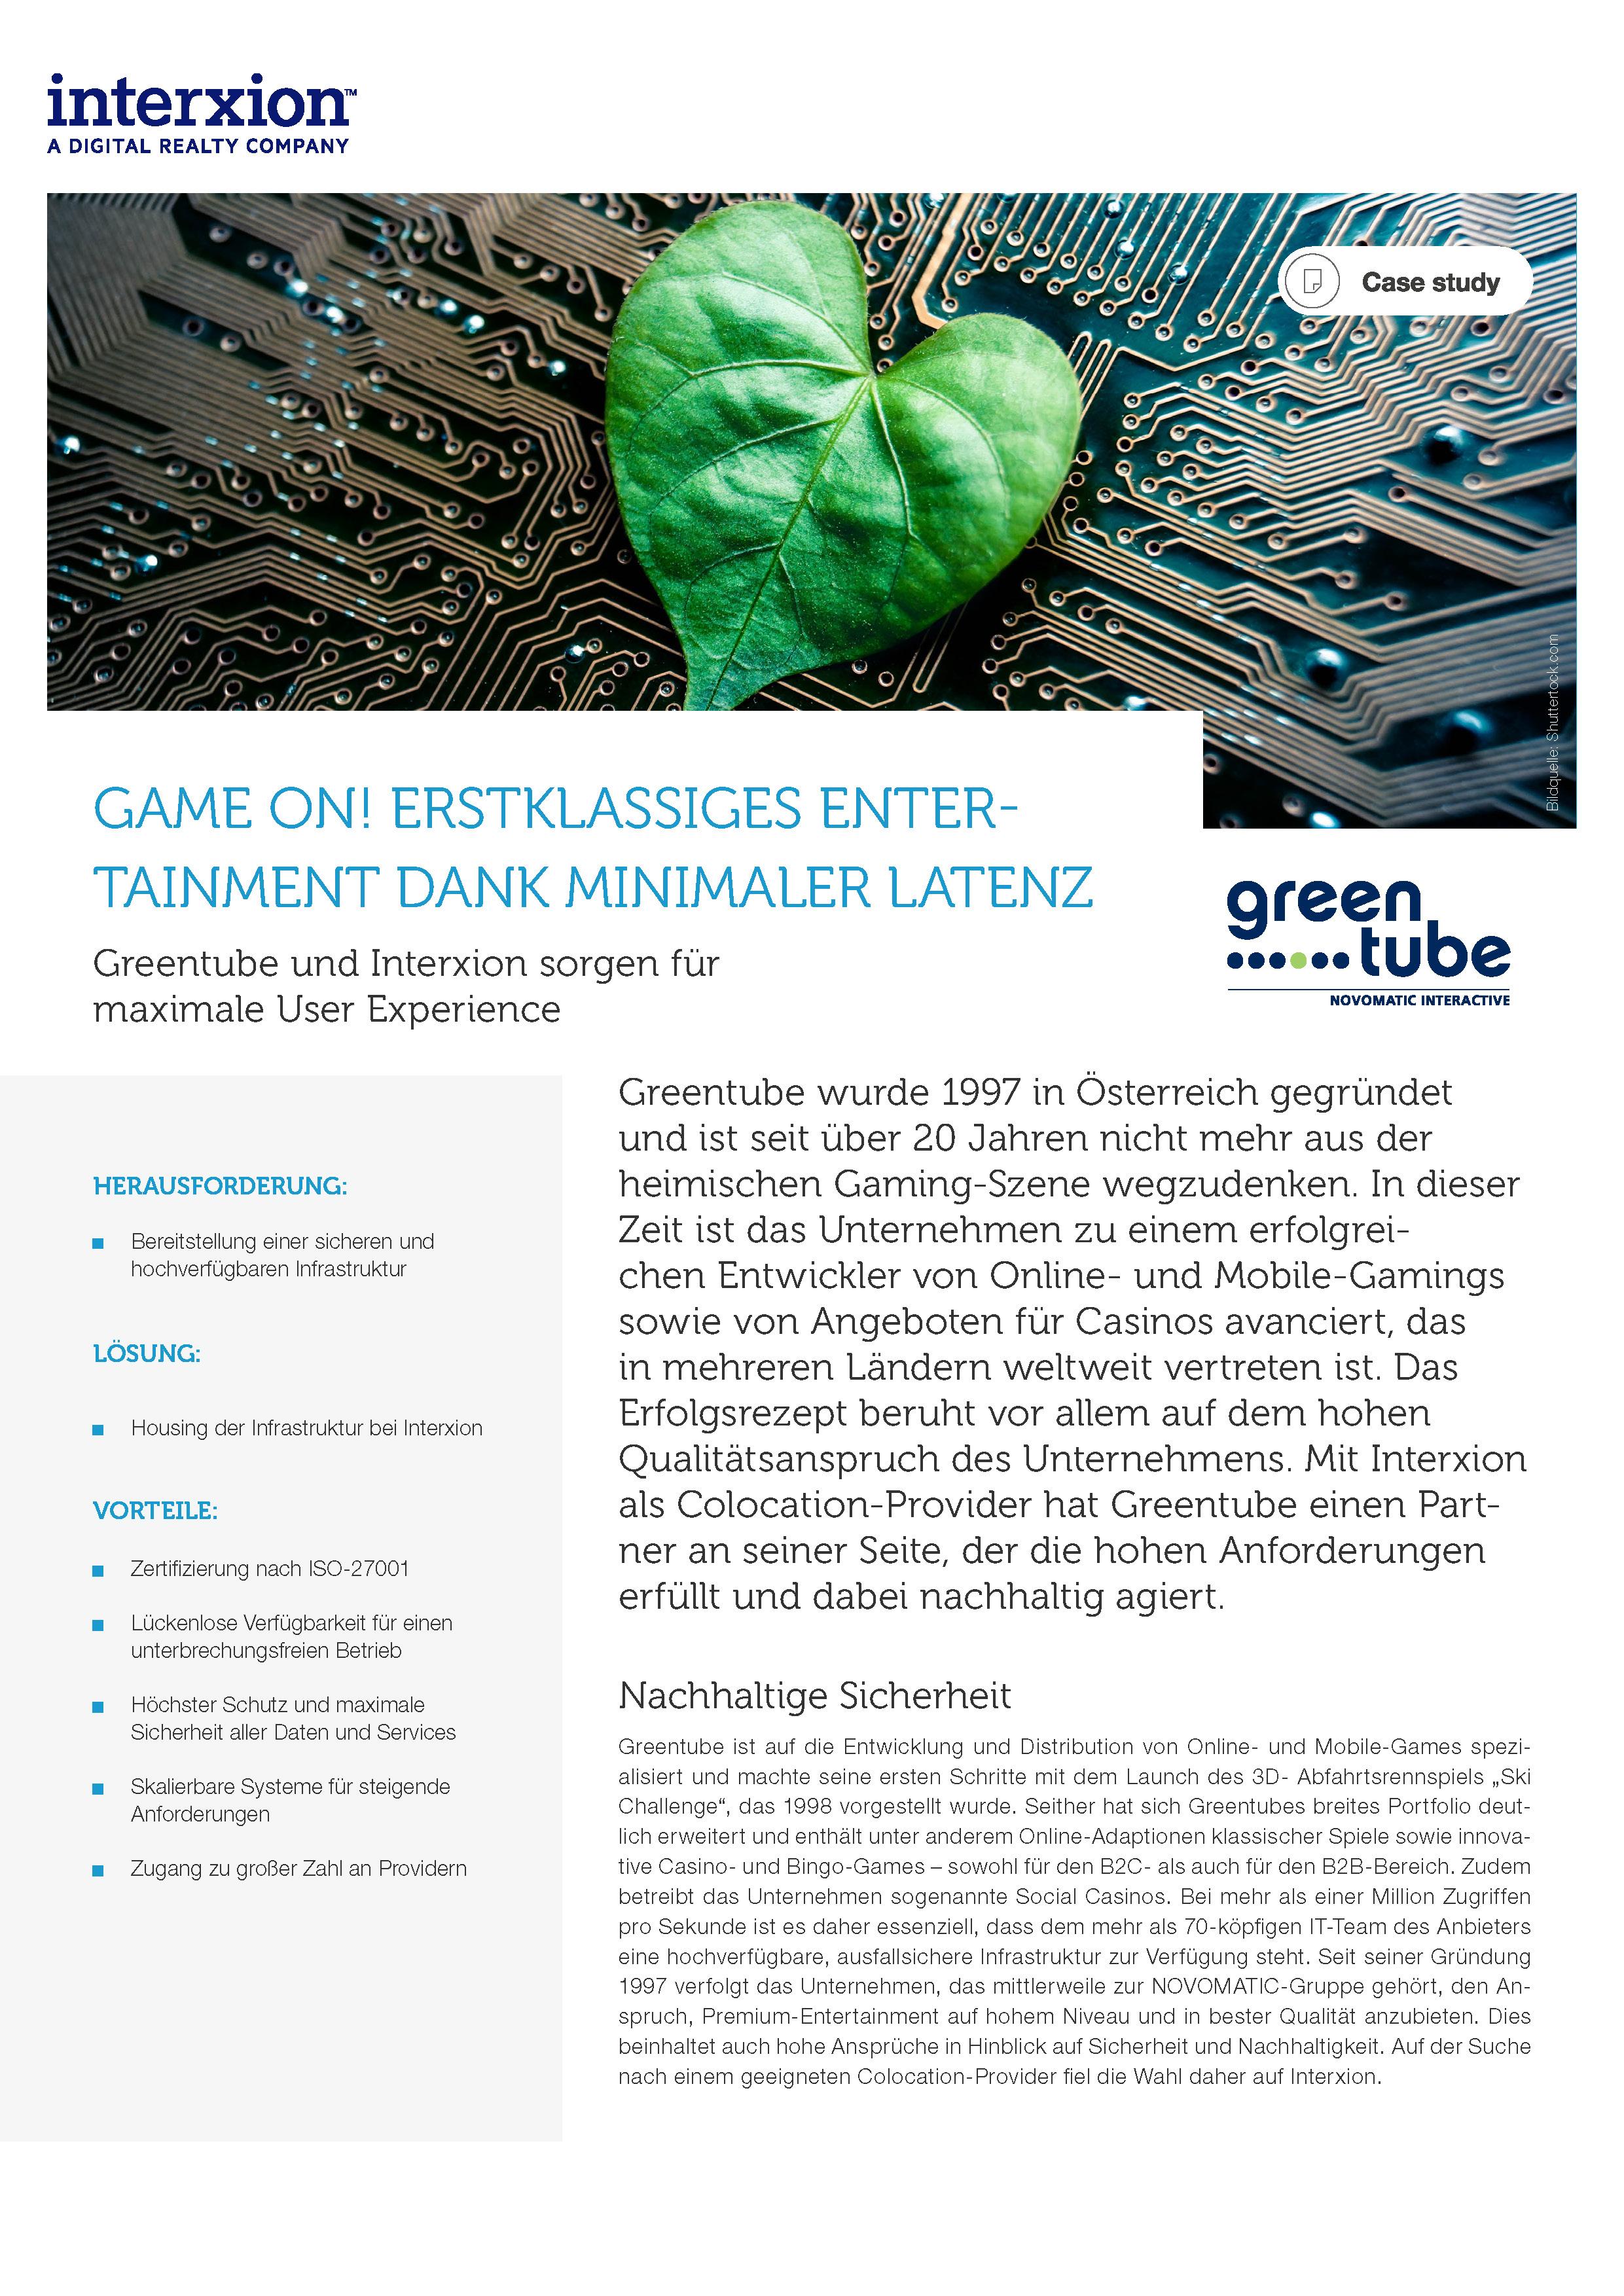 Erste Seite von der Referenzstory über Greentube